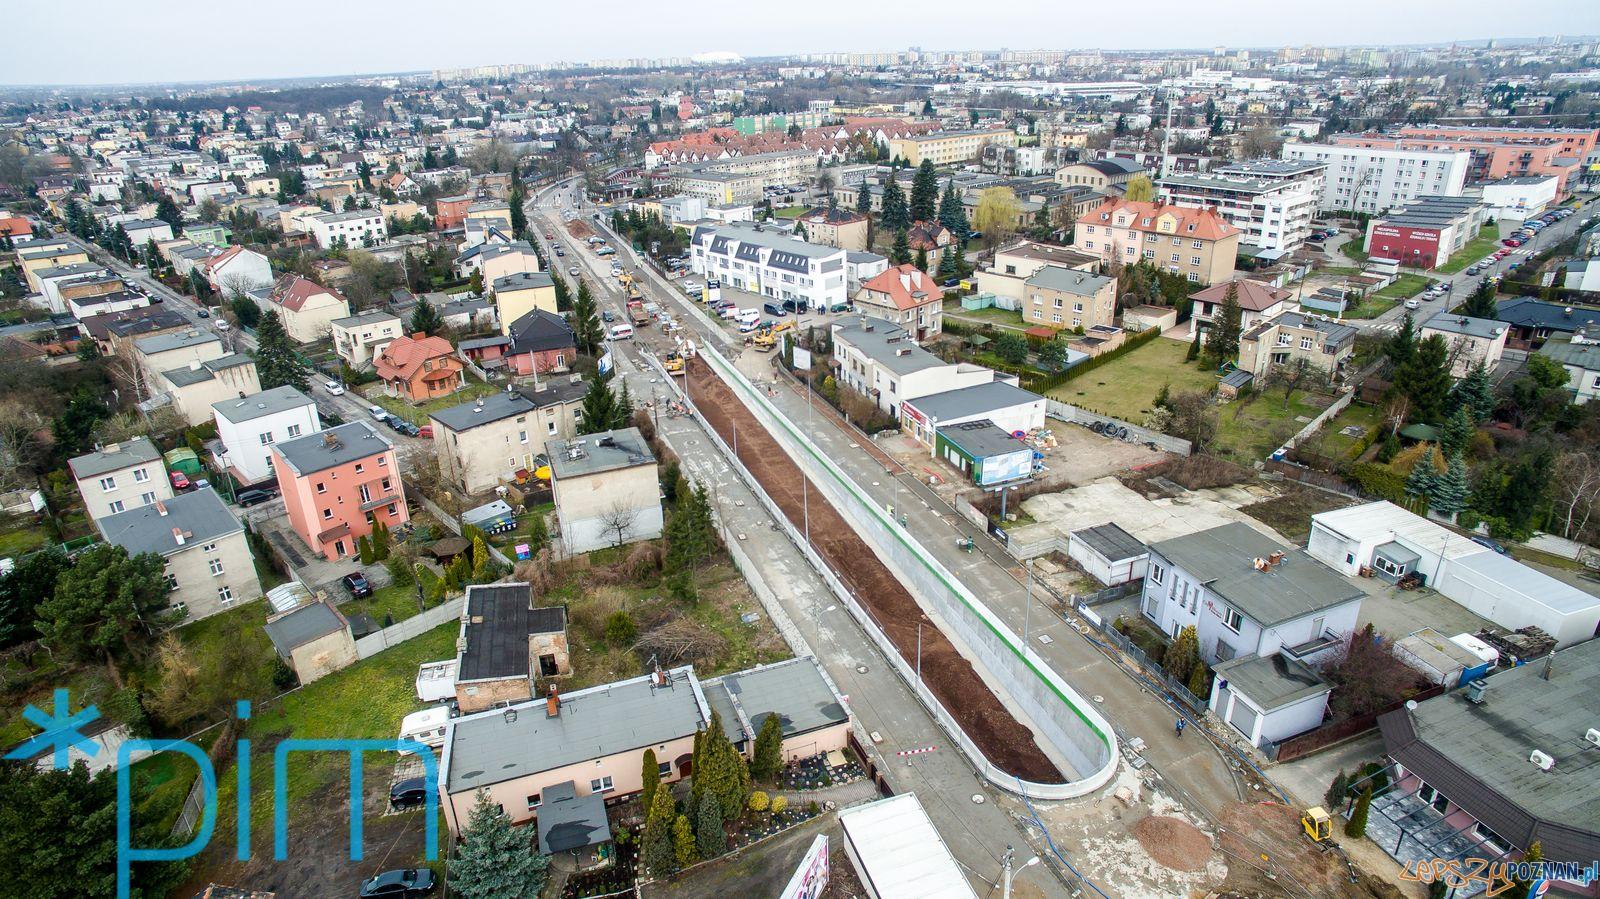 Remont Czechoslowackiej z drona (5)  Foto: